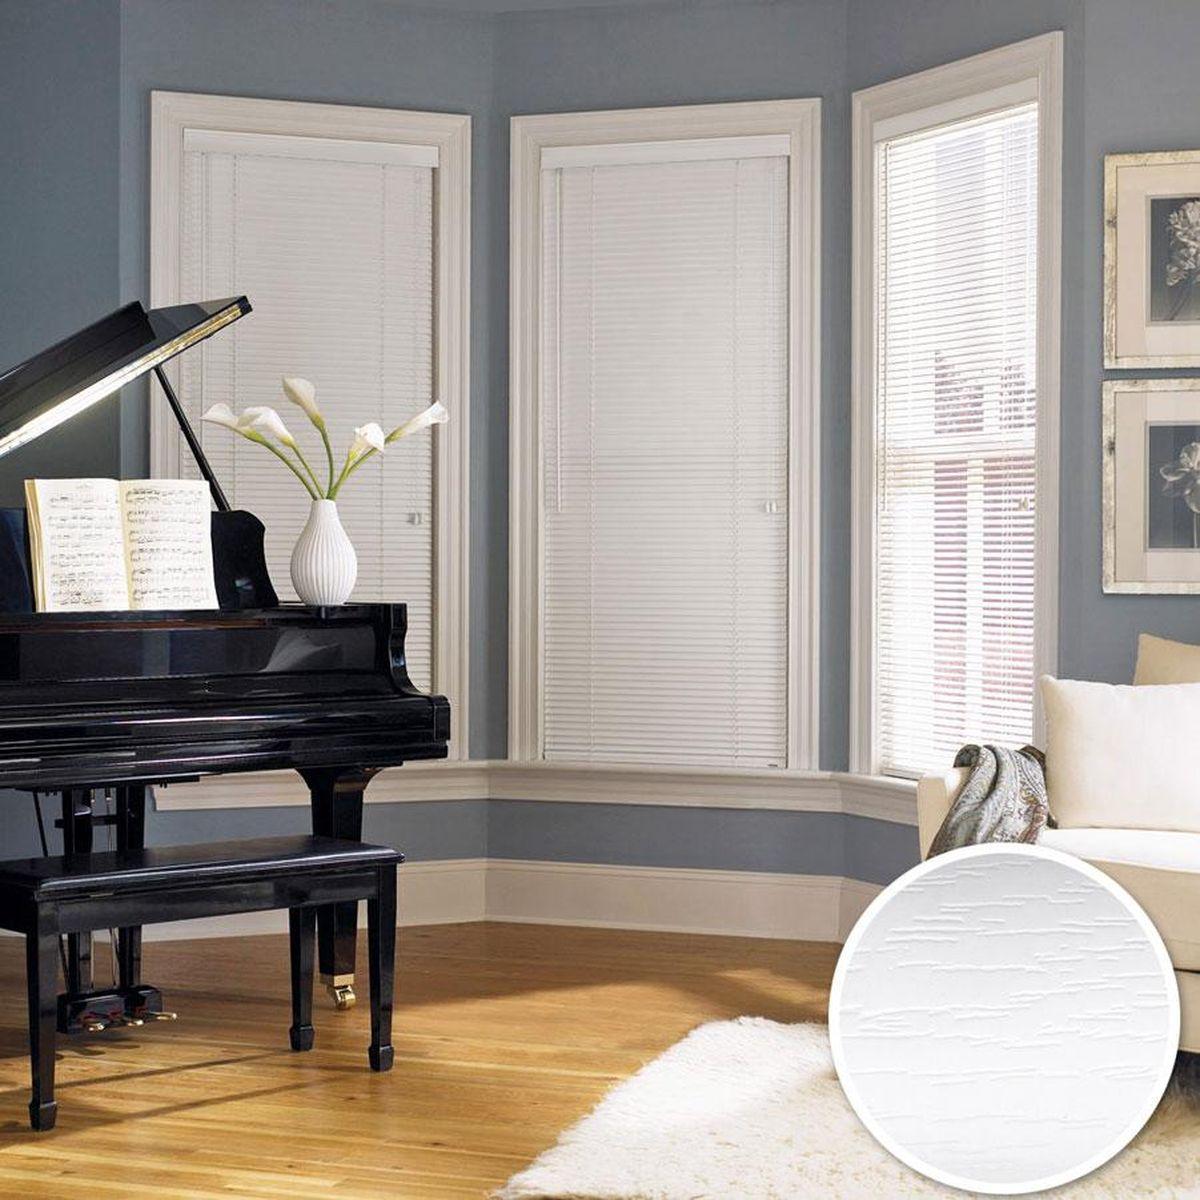 Жалюзи Эскар, цвет: белый, ширина 120 см, высота 160 смZ-0307Для того чтобы придать интерьеру изюминку и завершенность, нет ничего лучше, чем использовать жалюзи на окнах квартиры, дома или офиса. С их помощью можно подчеркнуть индивидуальный вкус, а также стилевое оформление помещения. Помимо декоративных функций, жалюзи выполняют и практические задачи: они защищают от излишнего солнечного света, не дают помещению нагреваться, а также создают уют в темное время суток.Пластиковые жалюзи - самое универсальное и недорогое решение для любого помещения. Купить их может каждый, а широкий выбор размеров под самые популярные габариты сделает покупку простой и удобной. Пластиковые жалюзи имеют высокие эксплуатационные характеристики - они гигиеничны, что делает их незаменимыми при монтаже в детских и медицинских учреждениях.